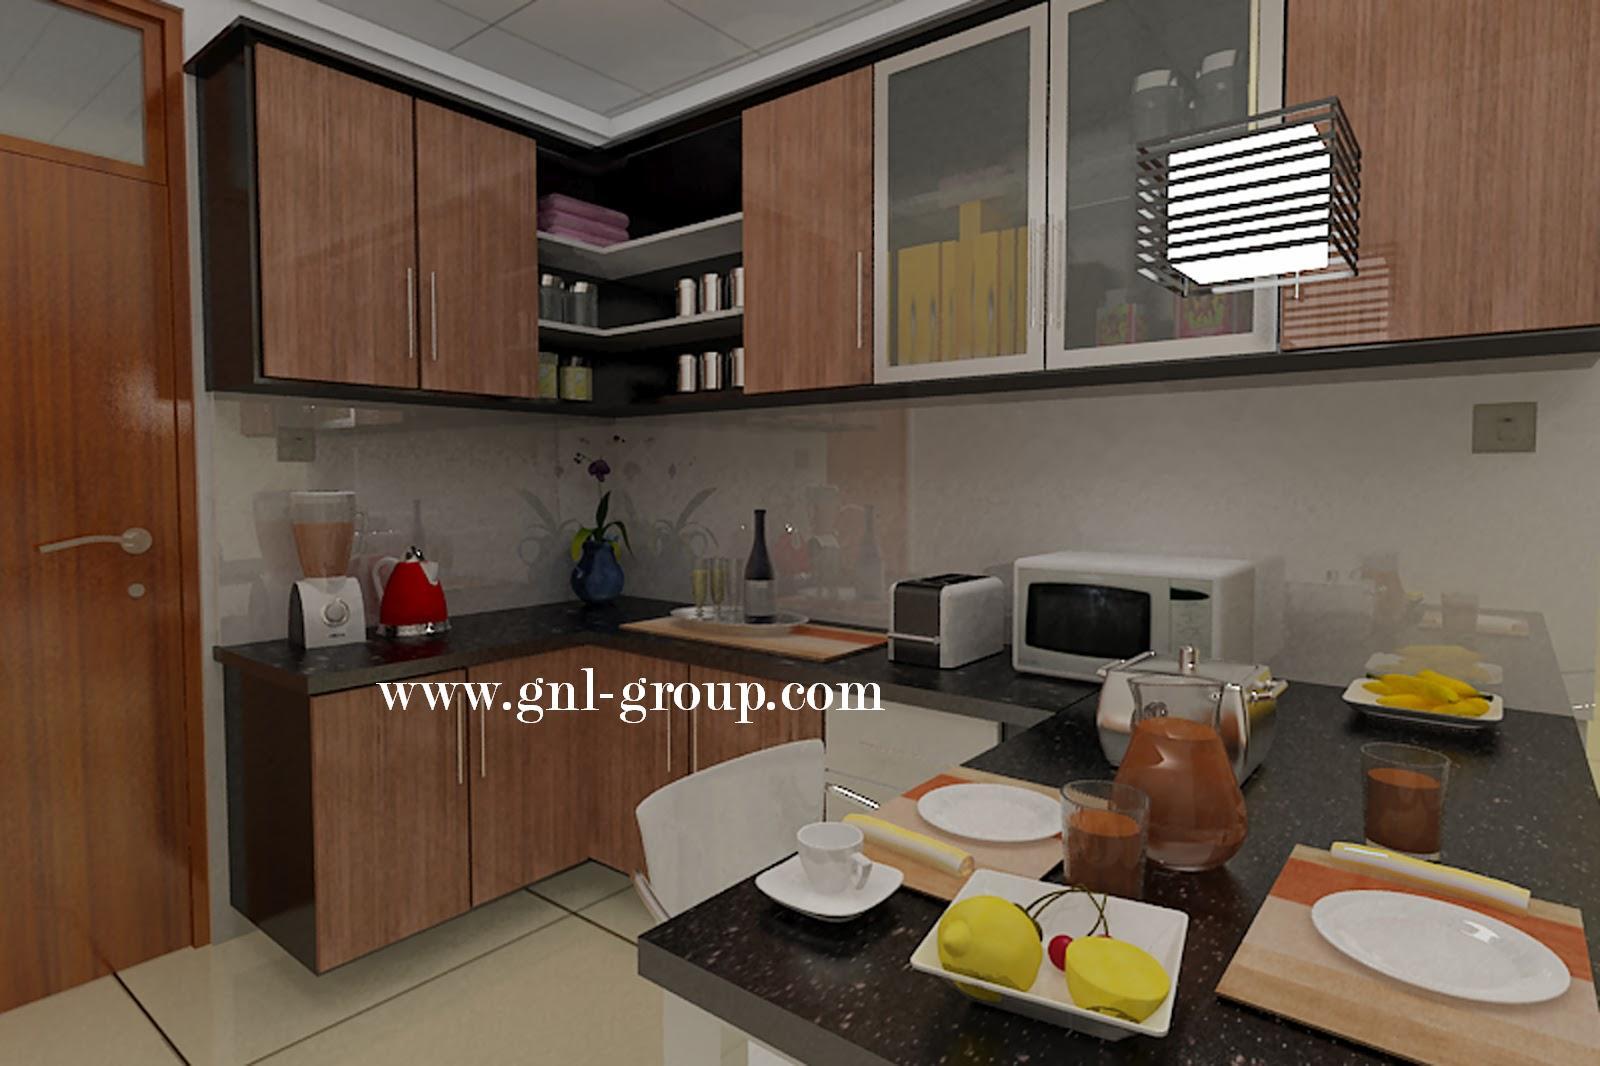 design kitchen set mencari model terbaru dari